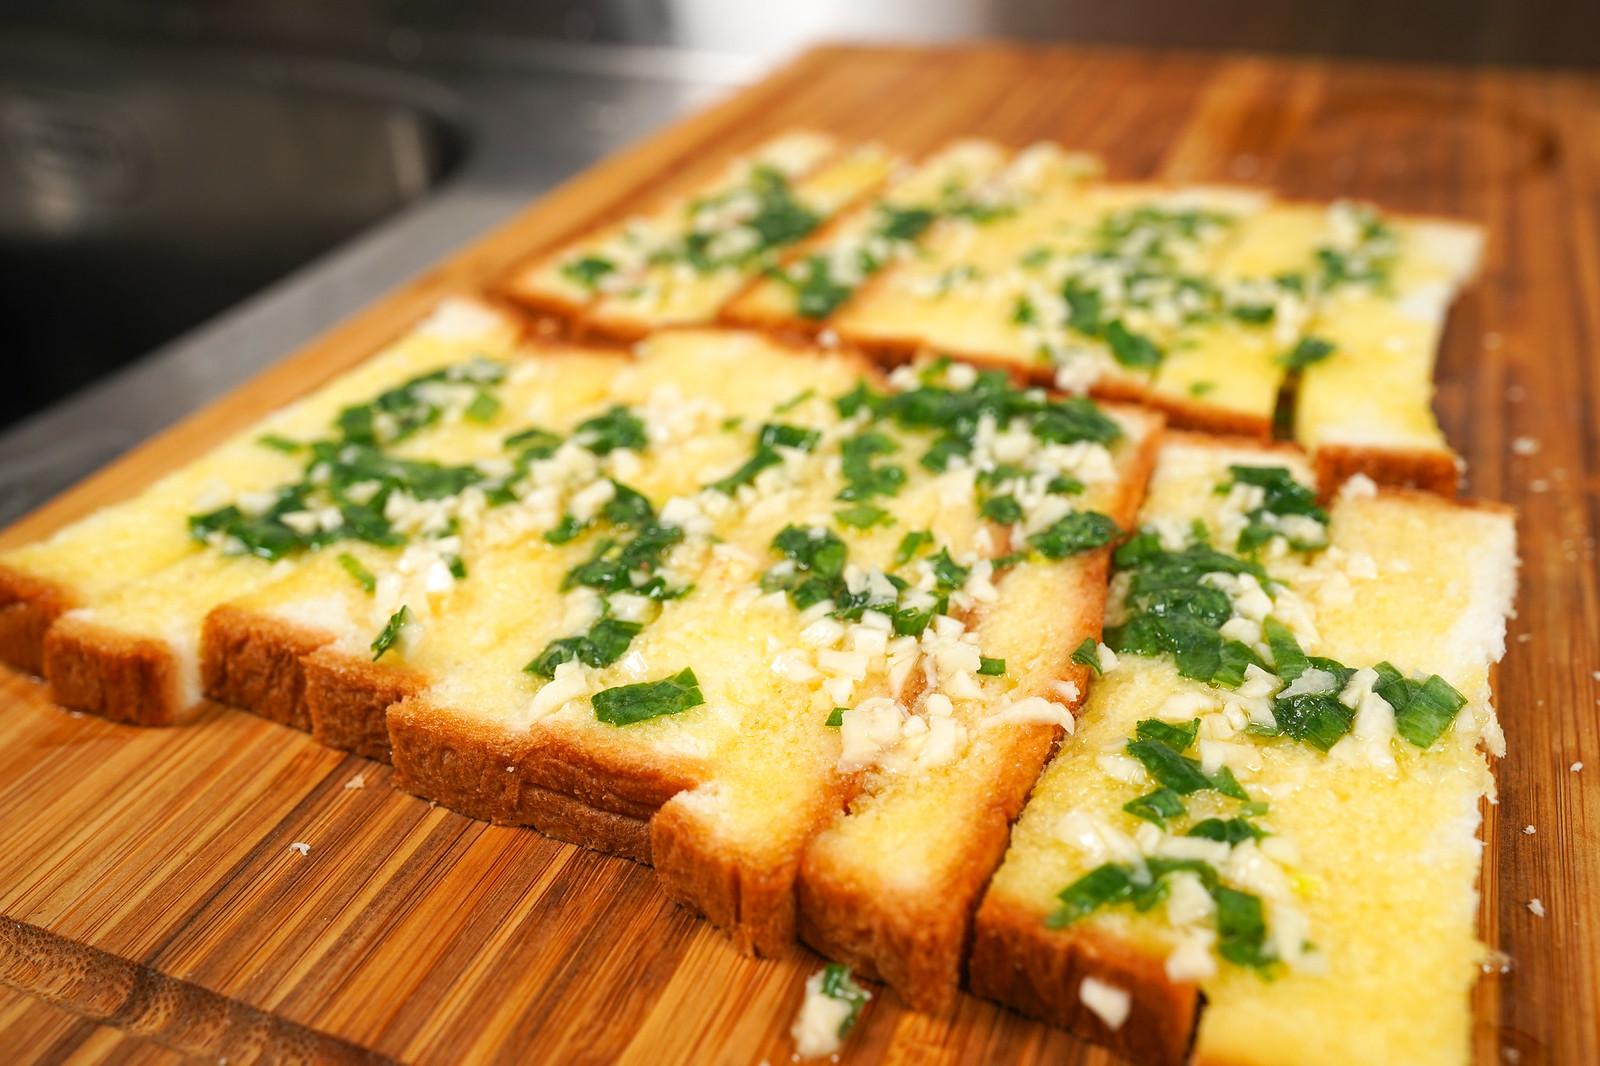 蒜香醬料平均塗抹在吐司條上